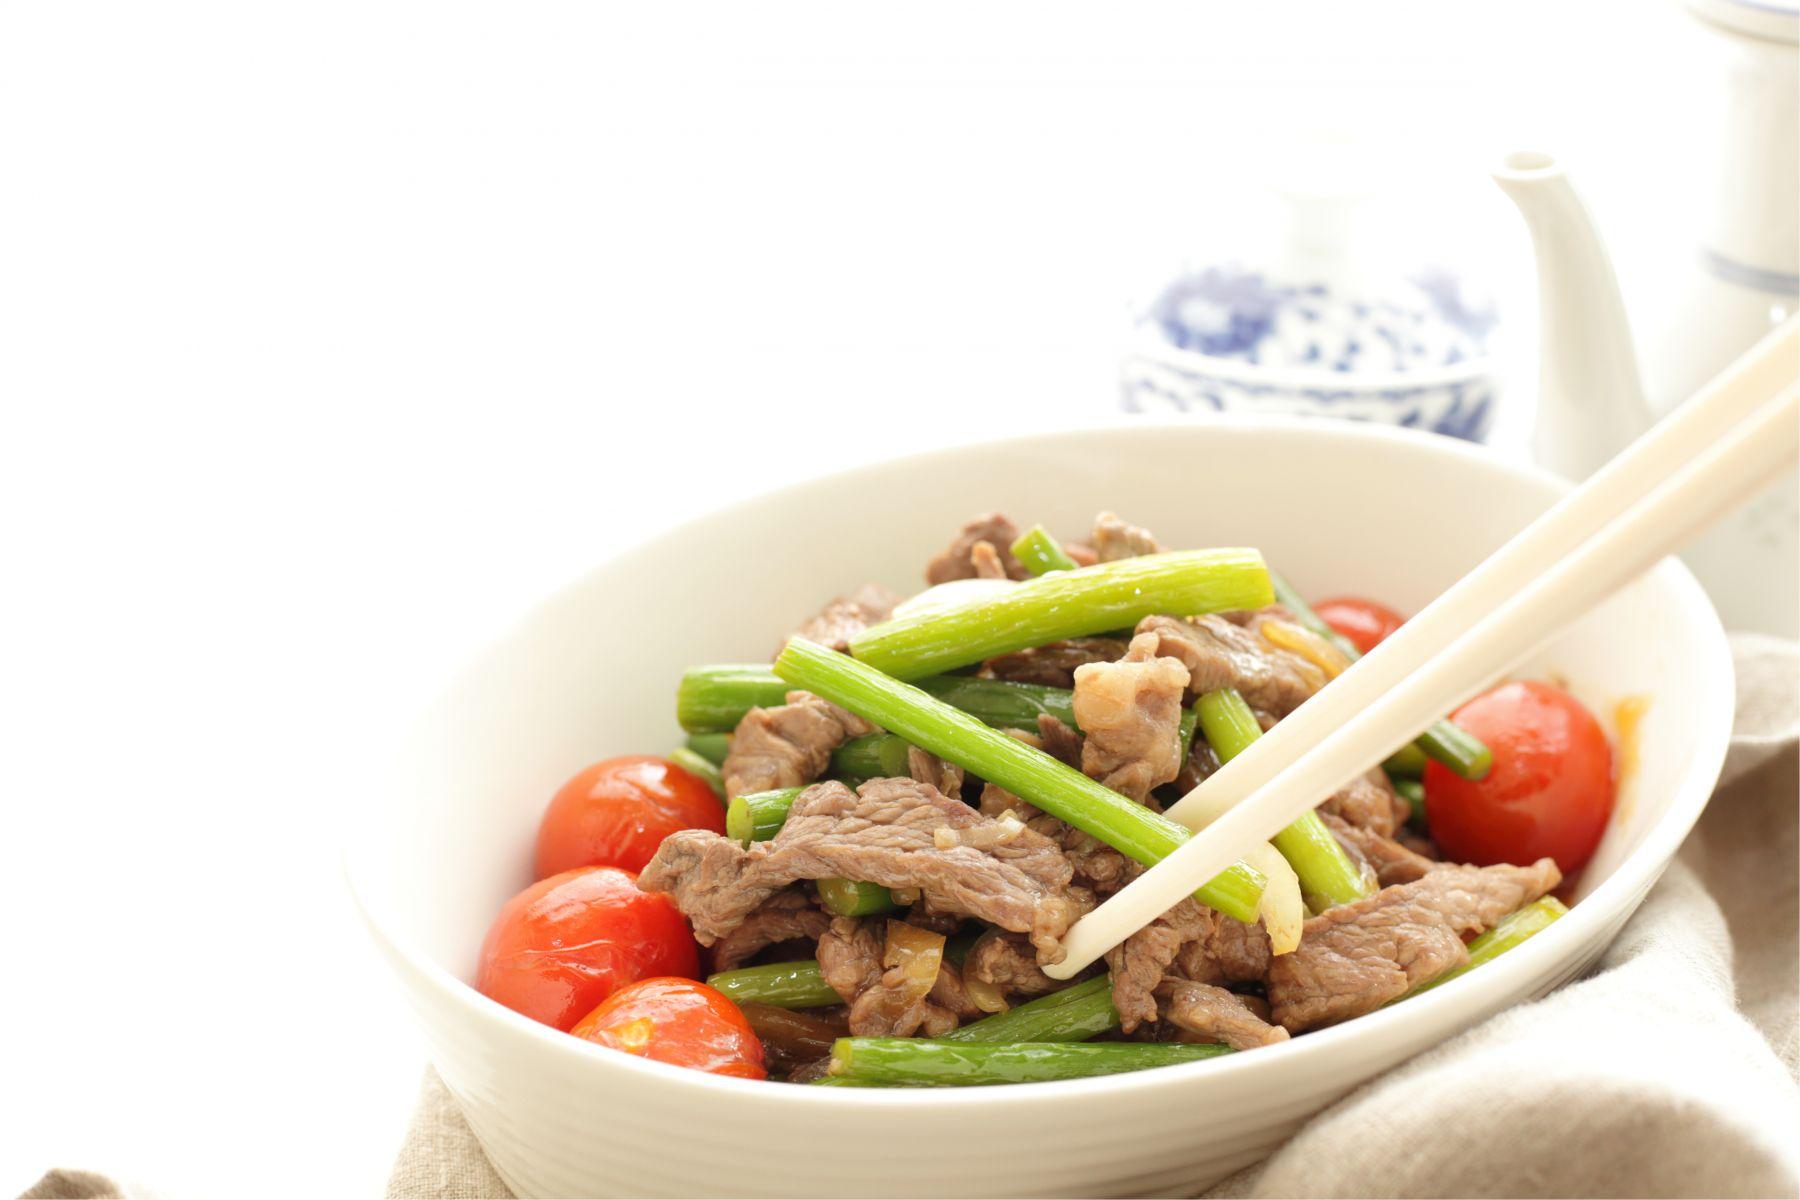 防癌料理這樣吃!中醫師推薦養生食譜,調整飲食、遠離癌症